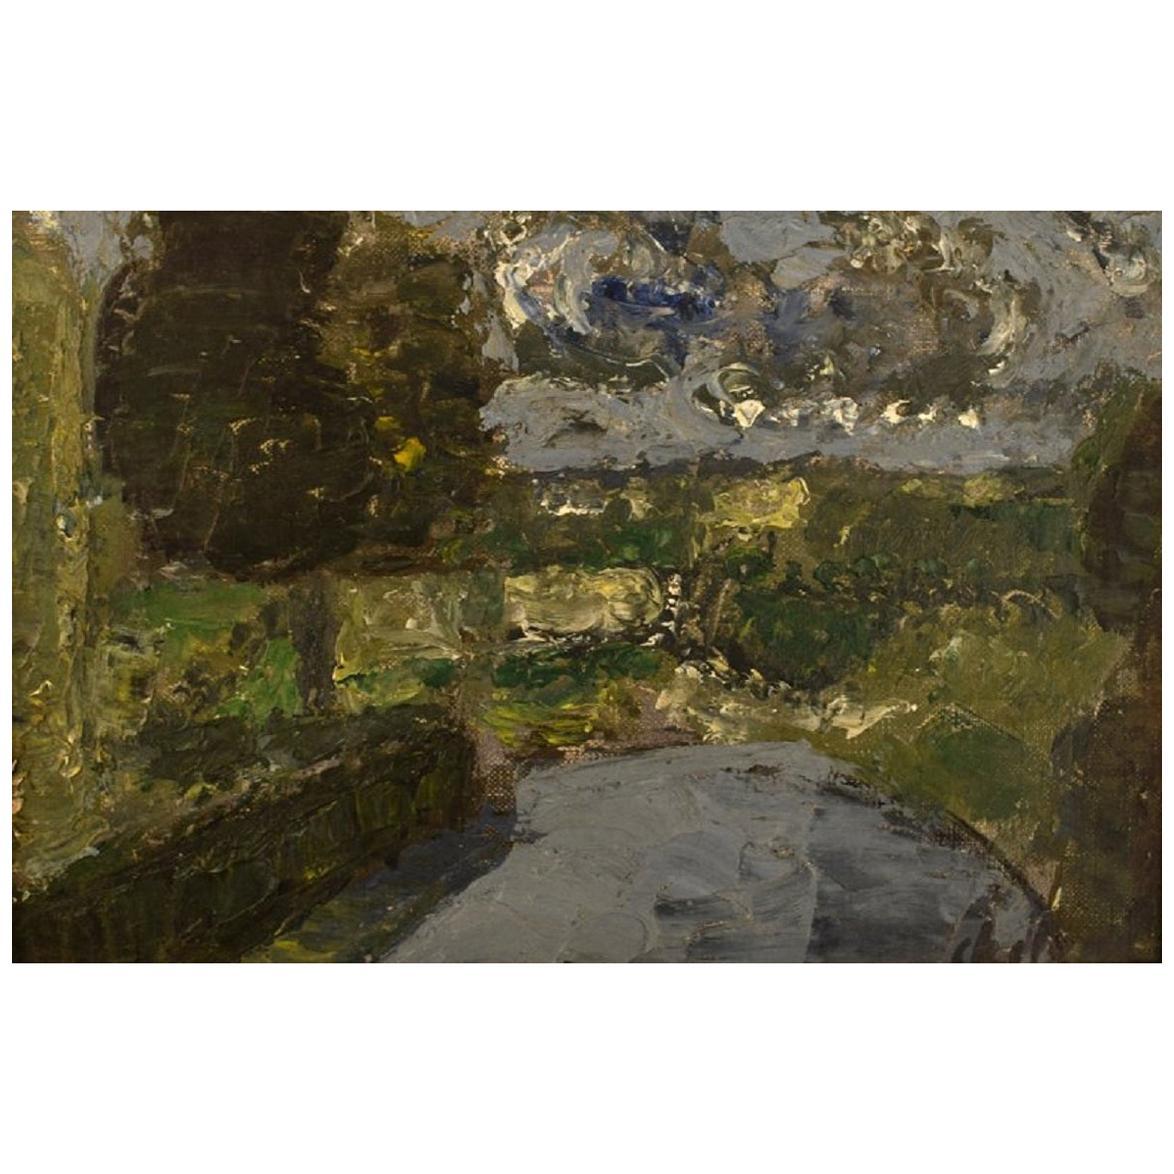 Poul Ekelund, Denmark, Oil on Board, Modernist Landscape, 1960s